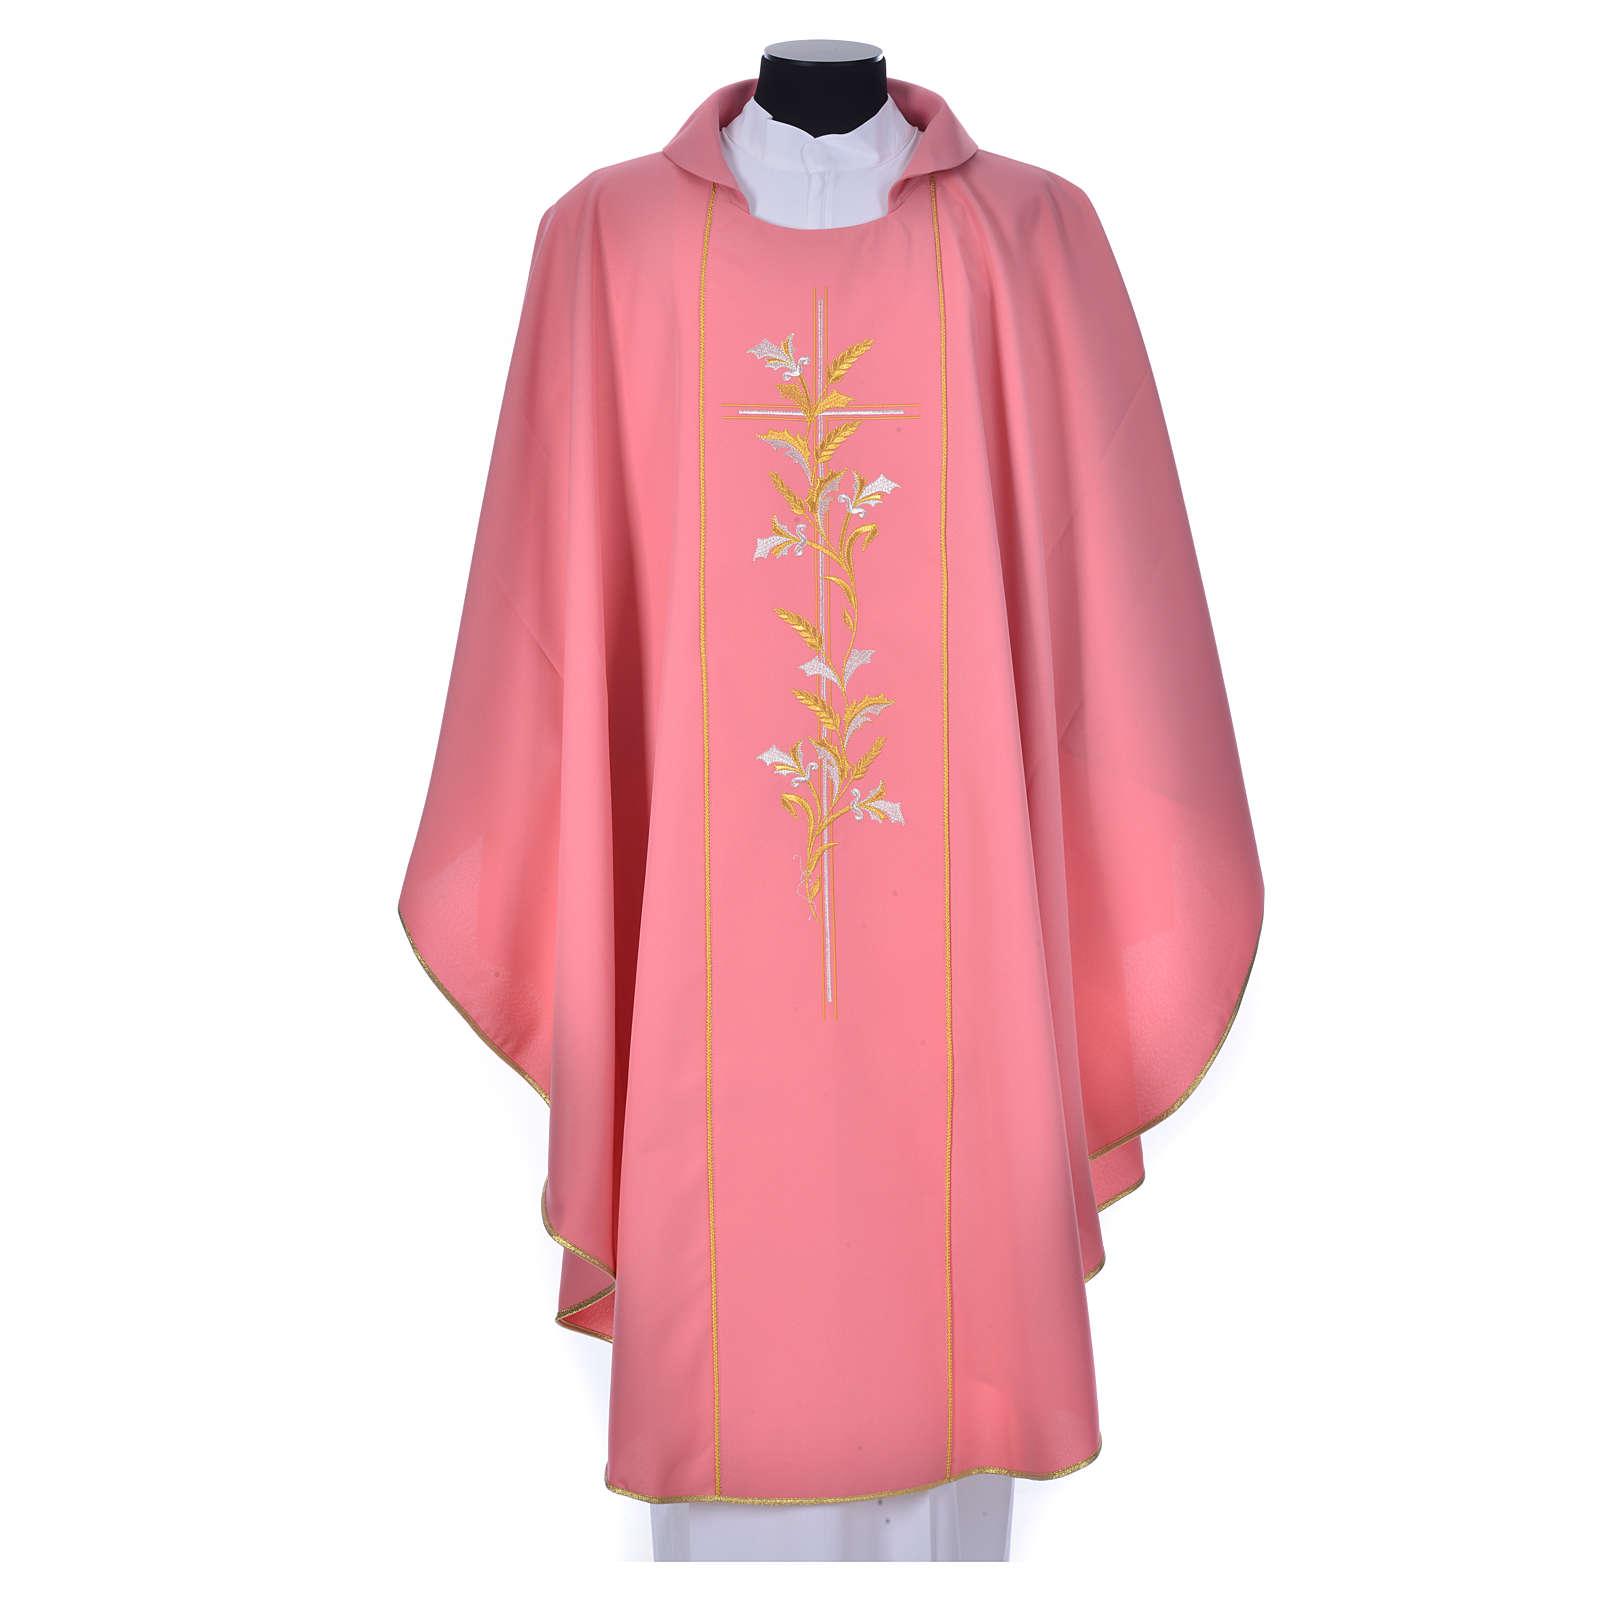 Casula sacerdote cor-de-rosa 100% poliéster cruz lírios 4